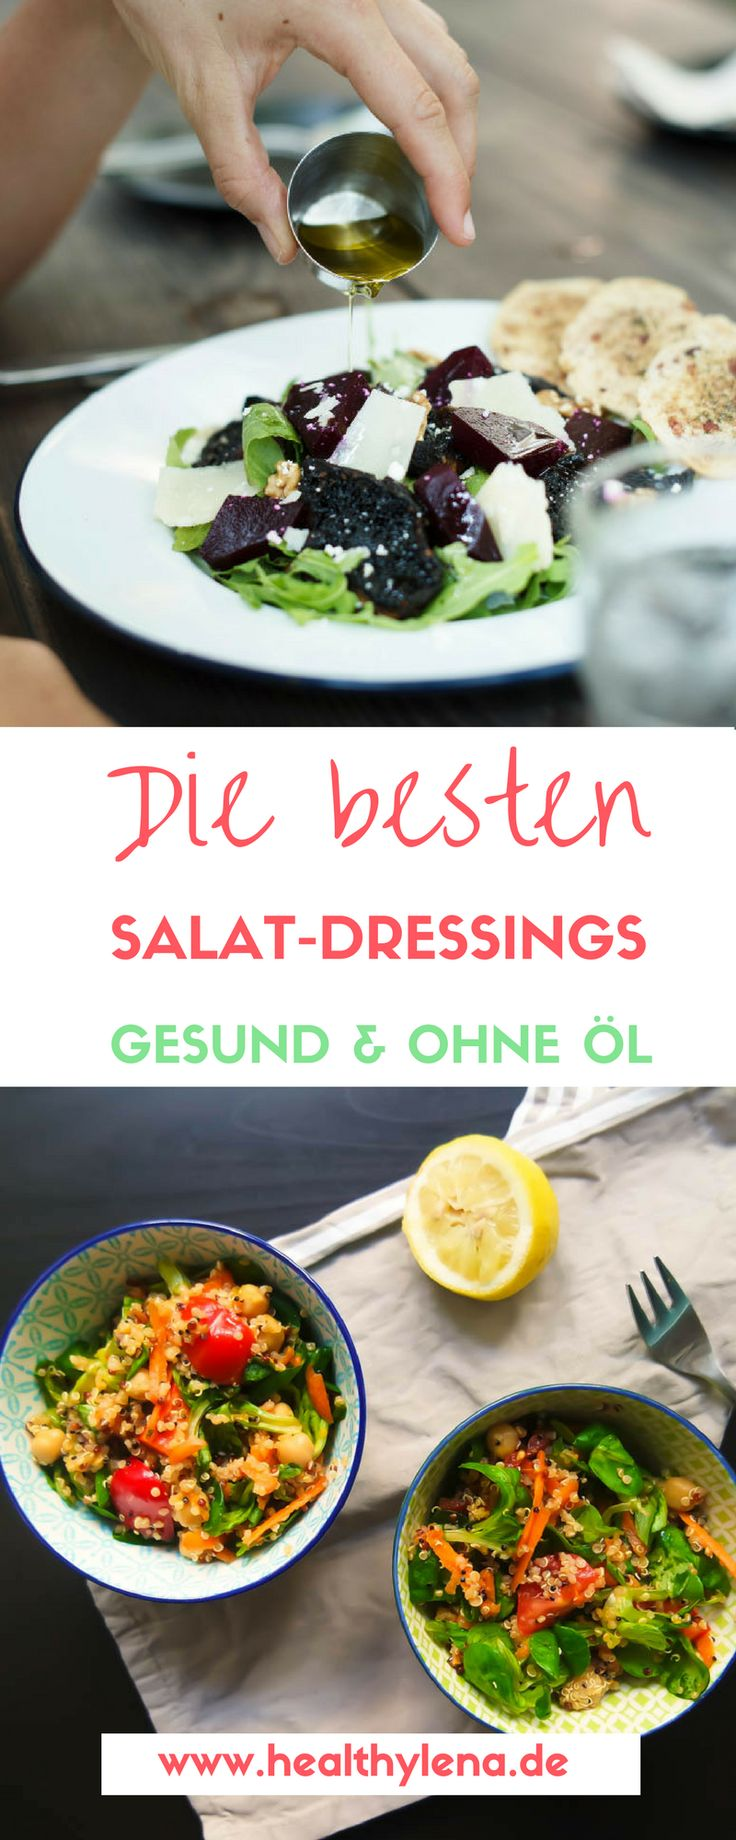 Was wäre ein leckerer Salat ohne das passende Dressing dazu? Ein gutes Salat-Dressing macht aus einem schnöden Salat schnell ein echtes Geschmackserlebnis. Aus diesem Grund möchte ich heute 7 Rezepte für Salat-Dressings mit dir teilen, die dich hoffentlich auch zum echten Salat-Liebhaber machen werden: glutunfrei, gesund, vegan & ohne Öl.